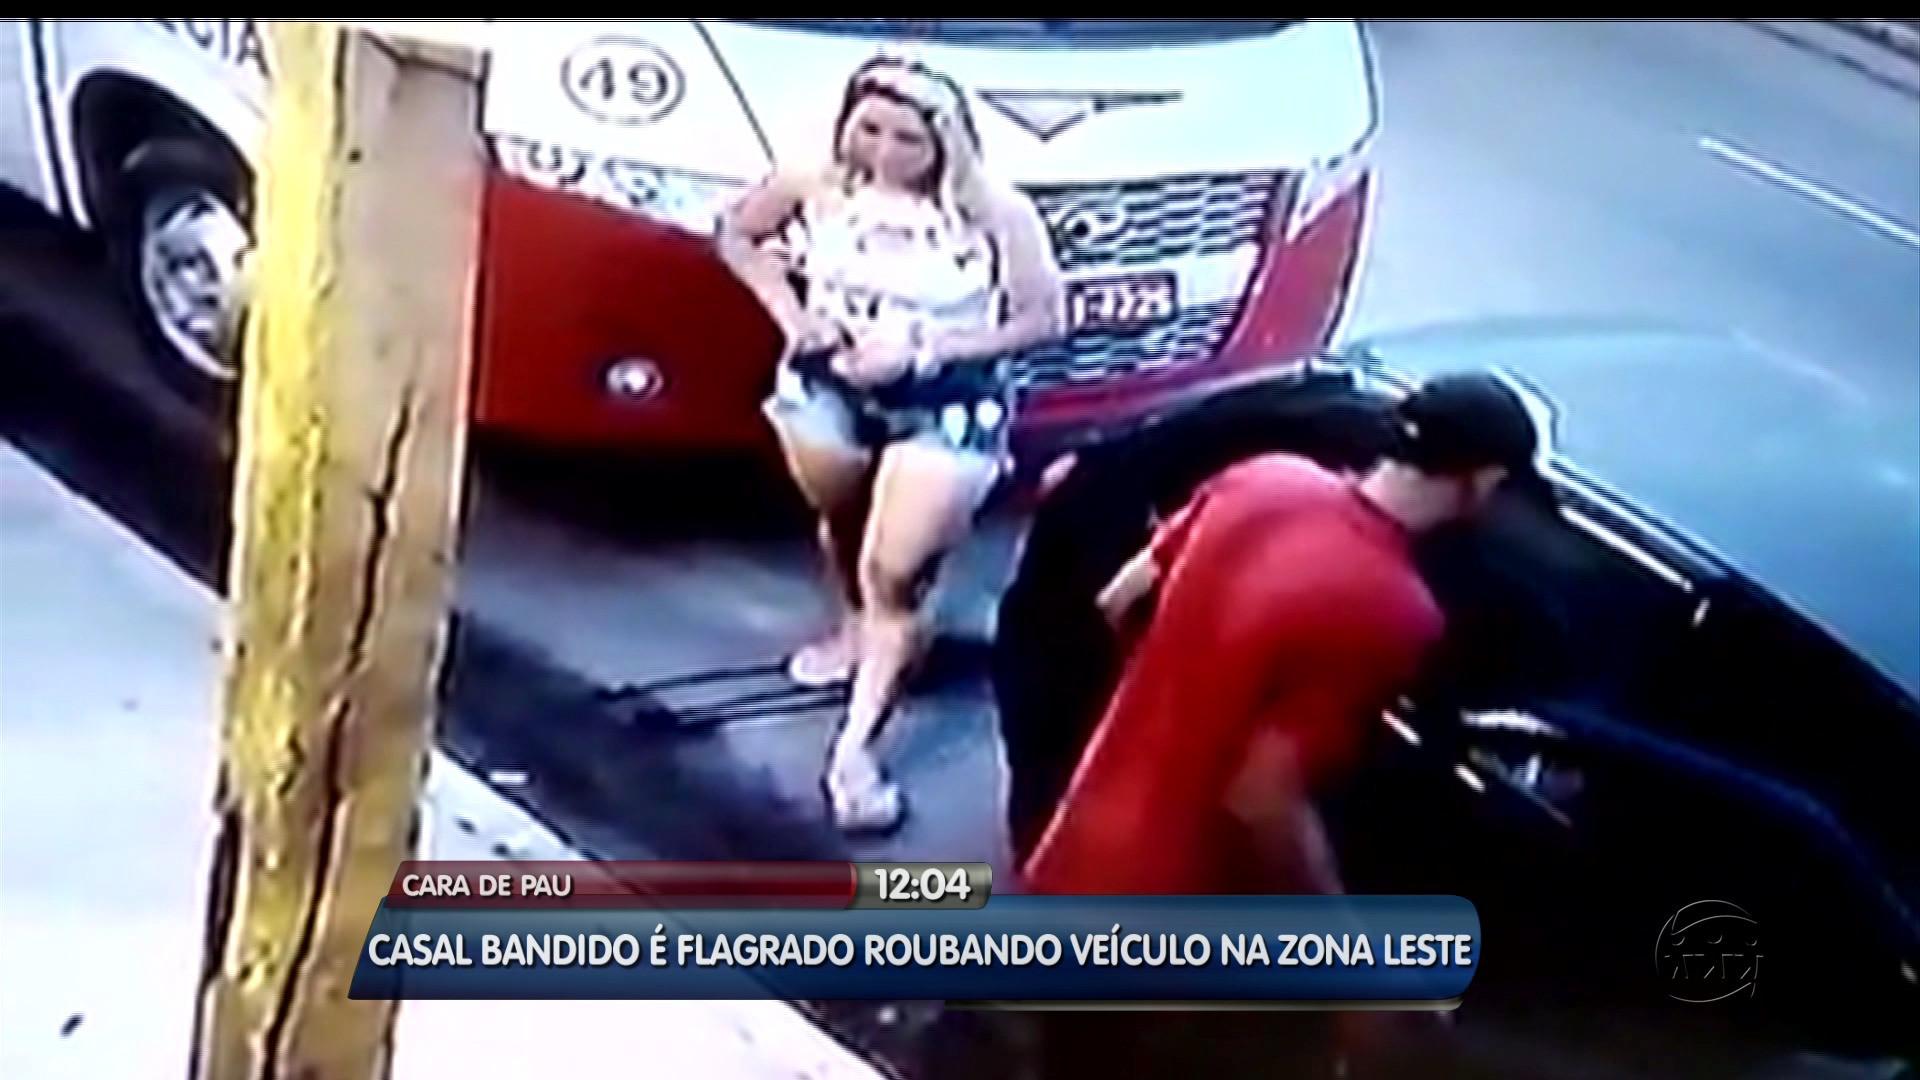 ''SEM VERGONHA'': HOMEM ROUBA CARRO E MULHER APROVEITA PRA FAZER XIXI - ALÔ AMAZONAS - 22\03\2017